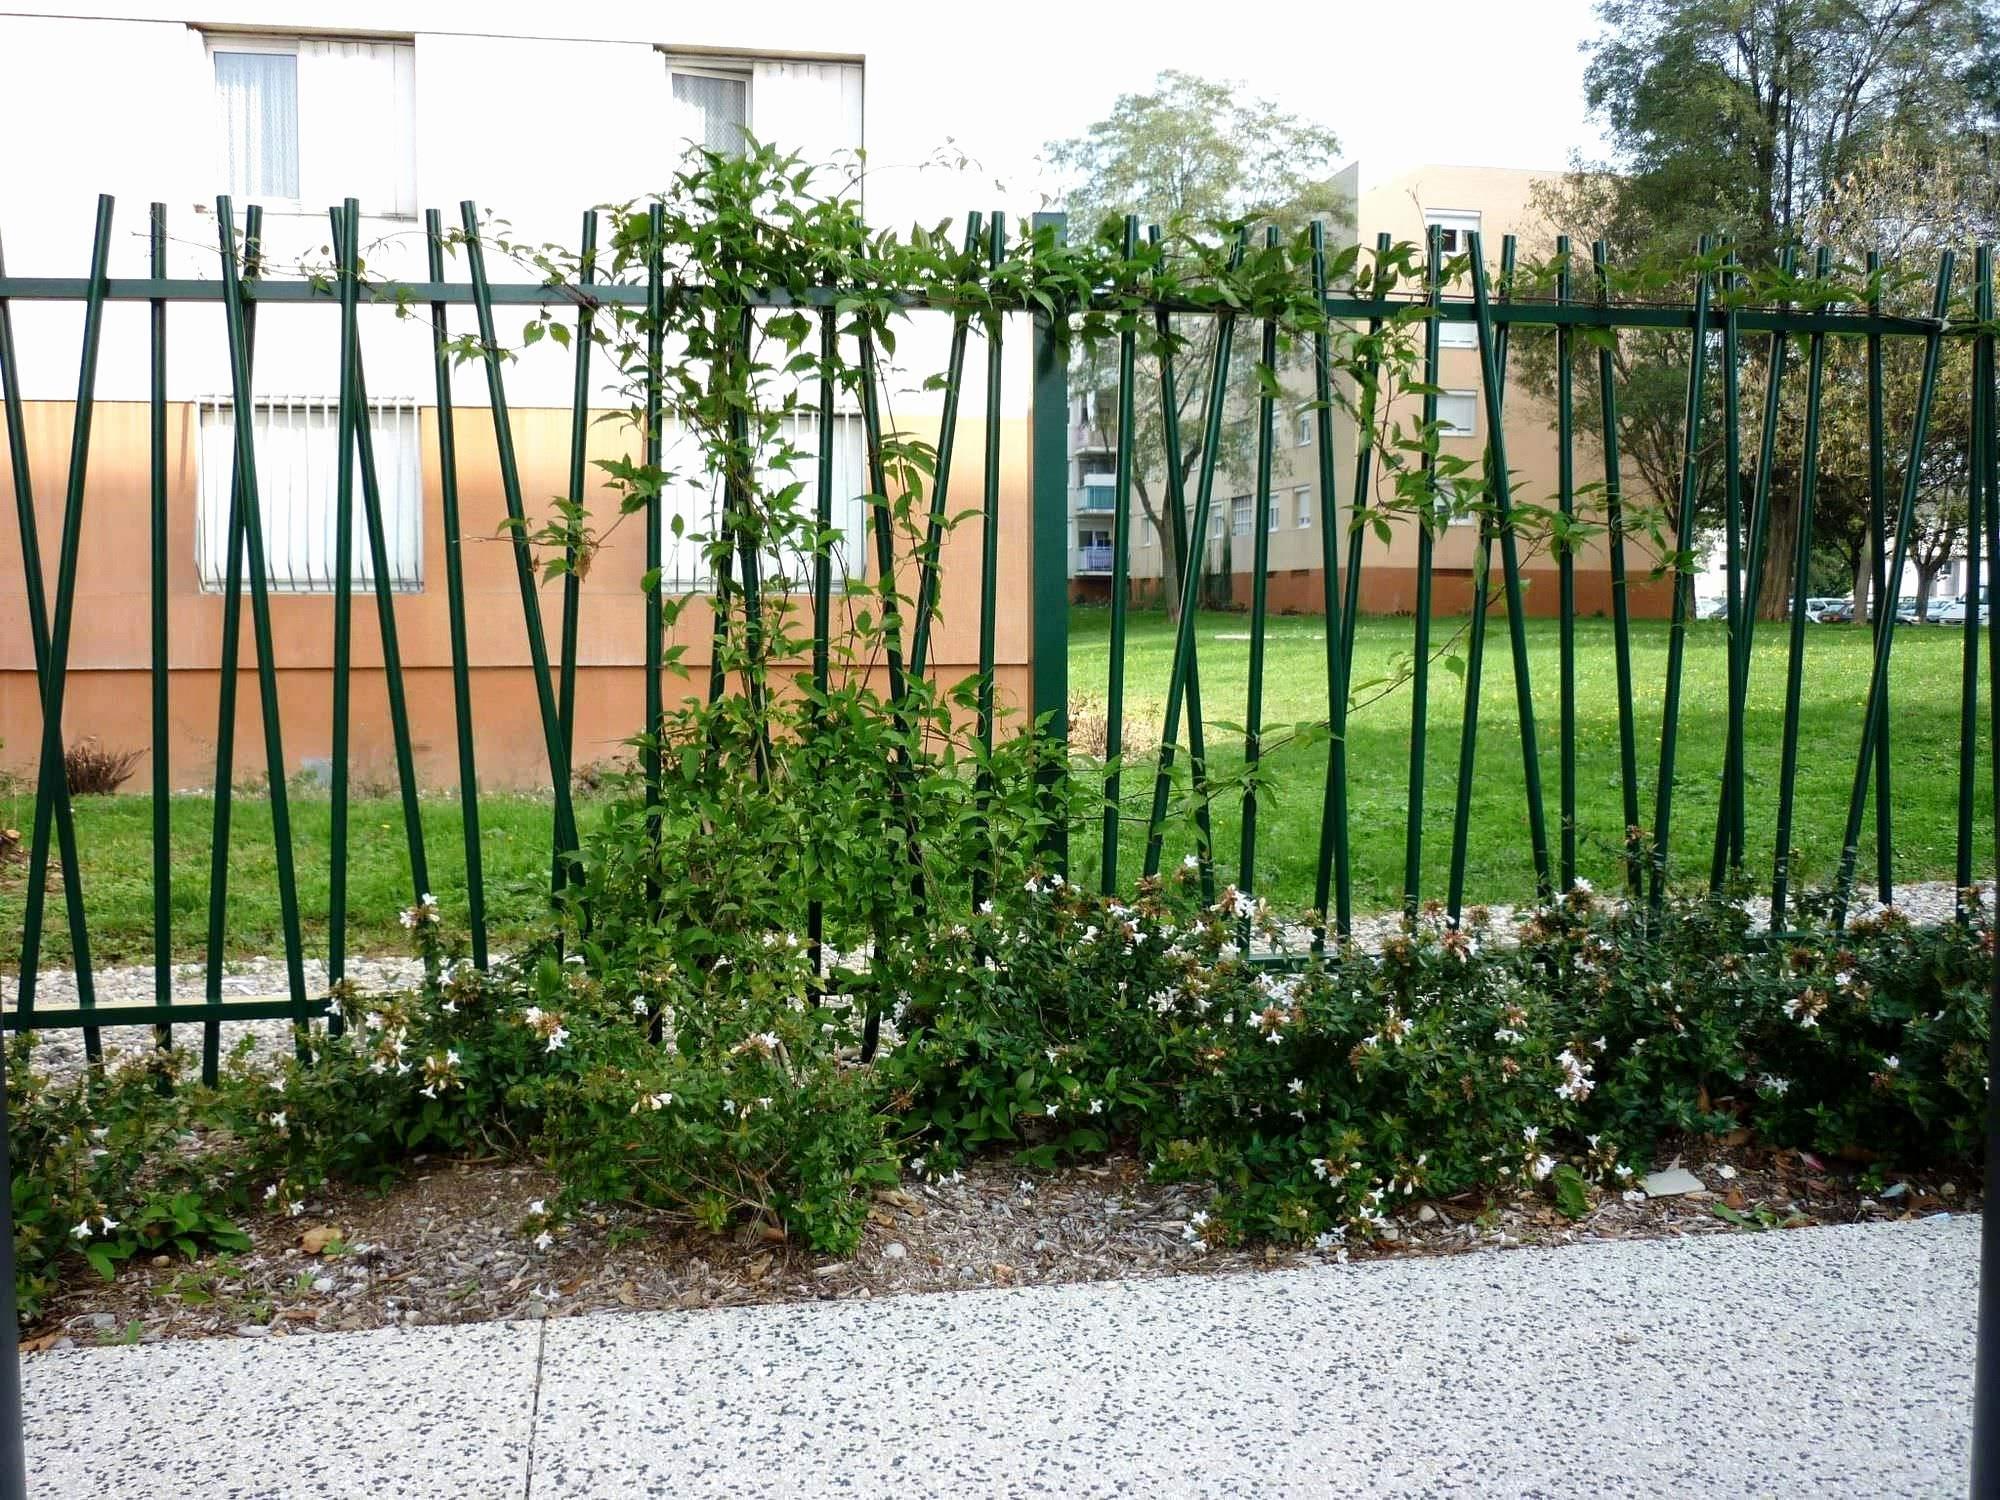 Cabane Jardin Palette Impressionnant Images Abri Jardin En Bois Nouveau Cabane De Jardin originale Cloture